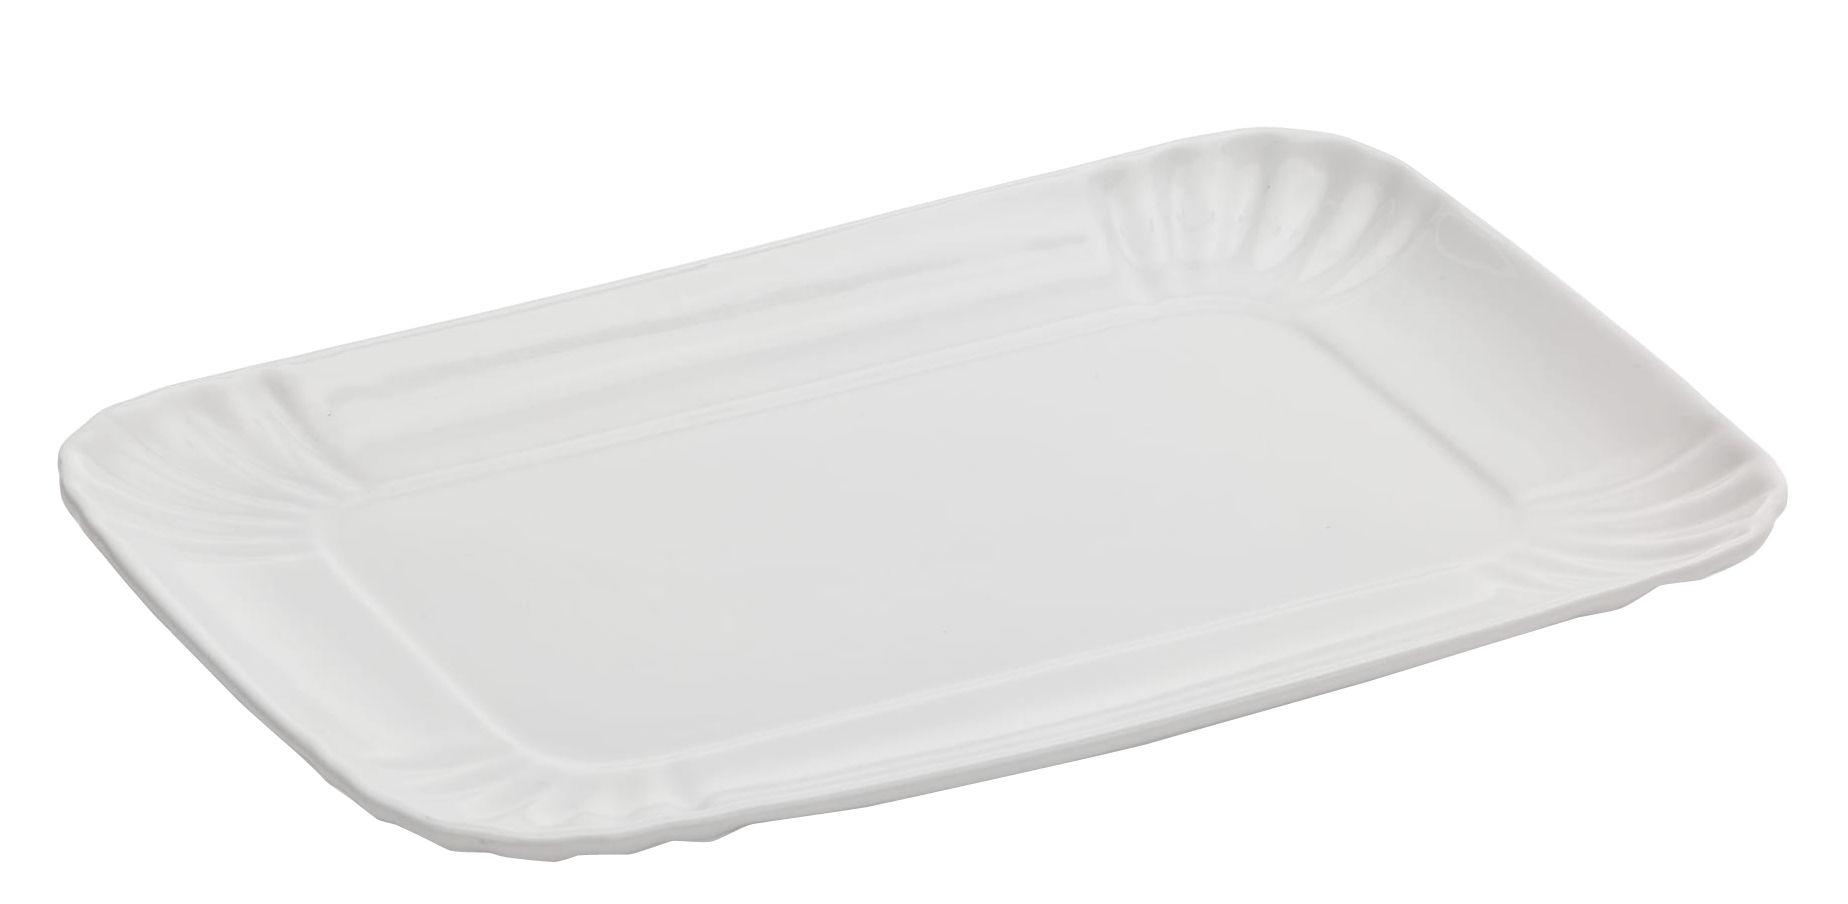 Arts de la table - Couverts de table - Plateau Estetico Quotidiano / Medium - 18 x 27 cm - Seletti - Medium / 18 x 27 cm - Porcelaine